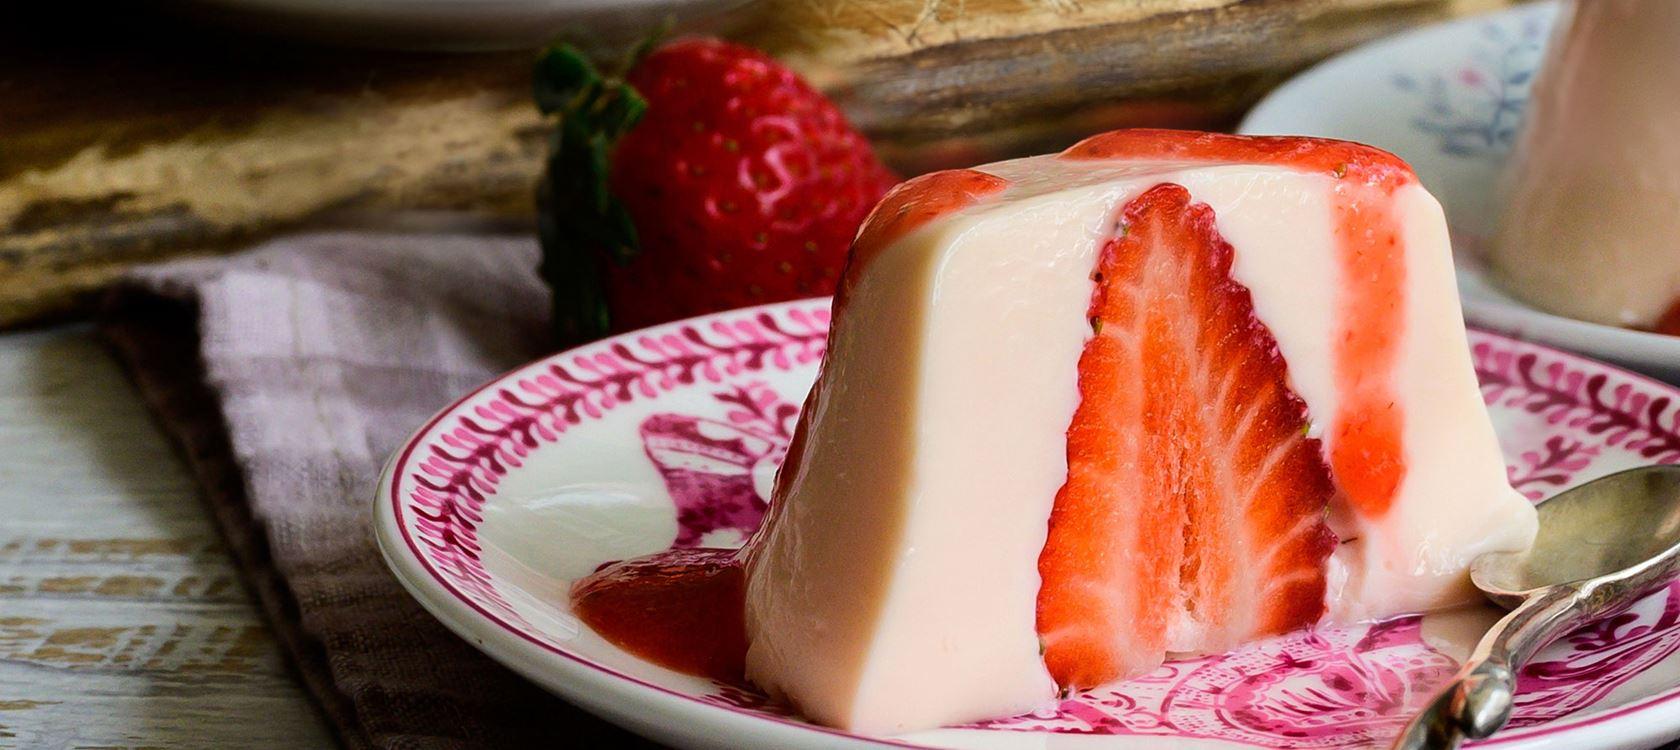 Πανακότα με ρόφημα γάλακτος Arla Protein & φρέσκες φράουλες